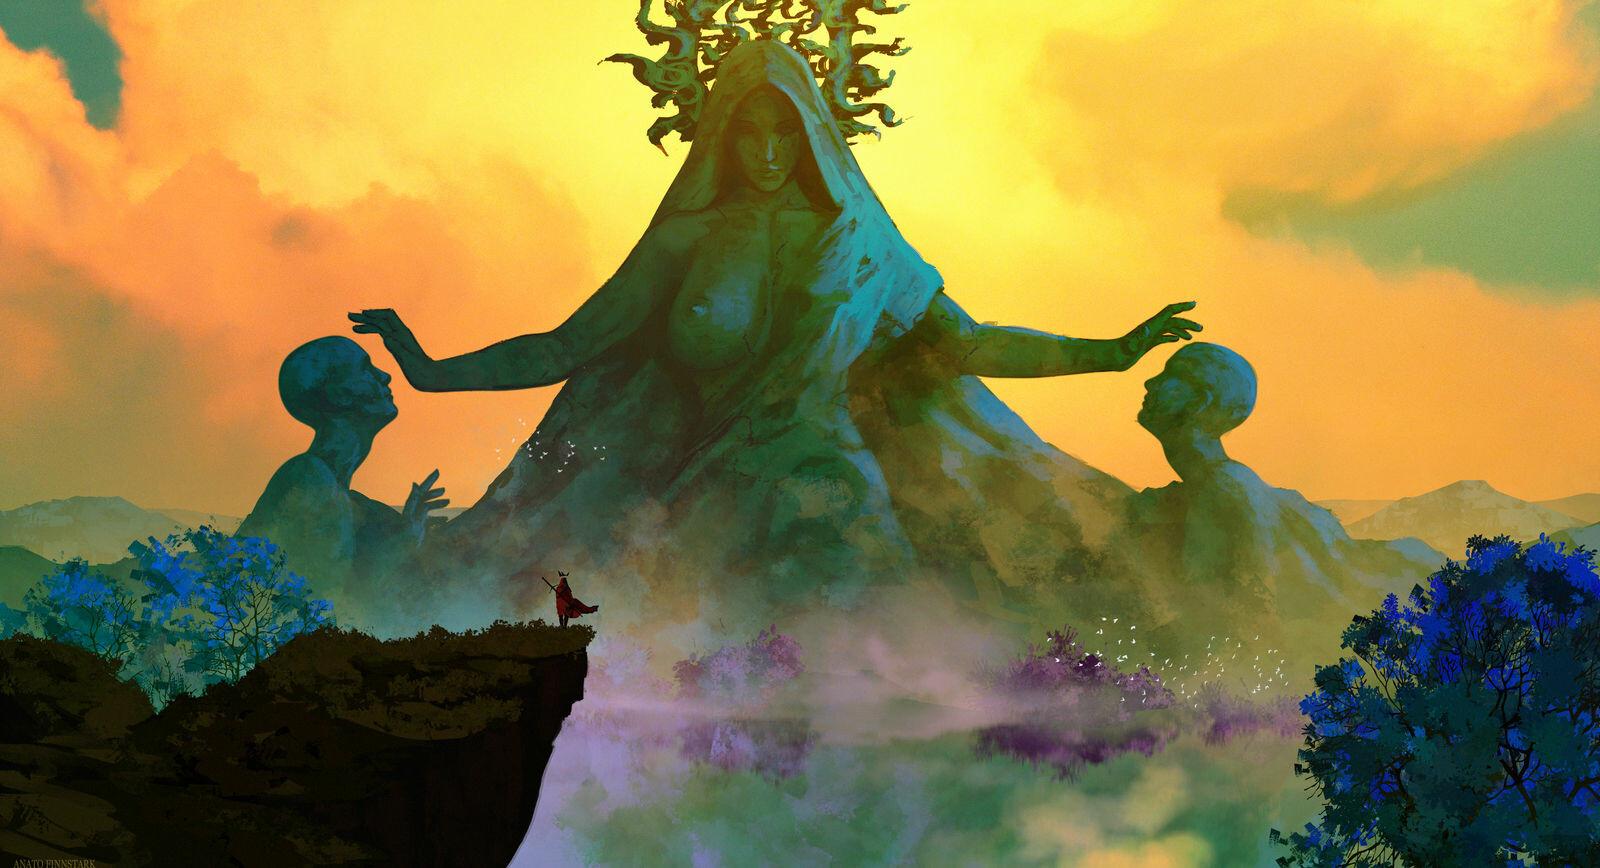 Anato finnstark the king s journey the sun s cult by anatofinnstark dd4v68j fullview